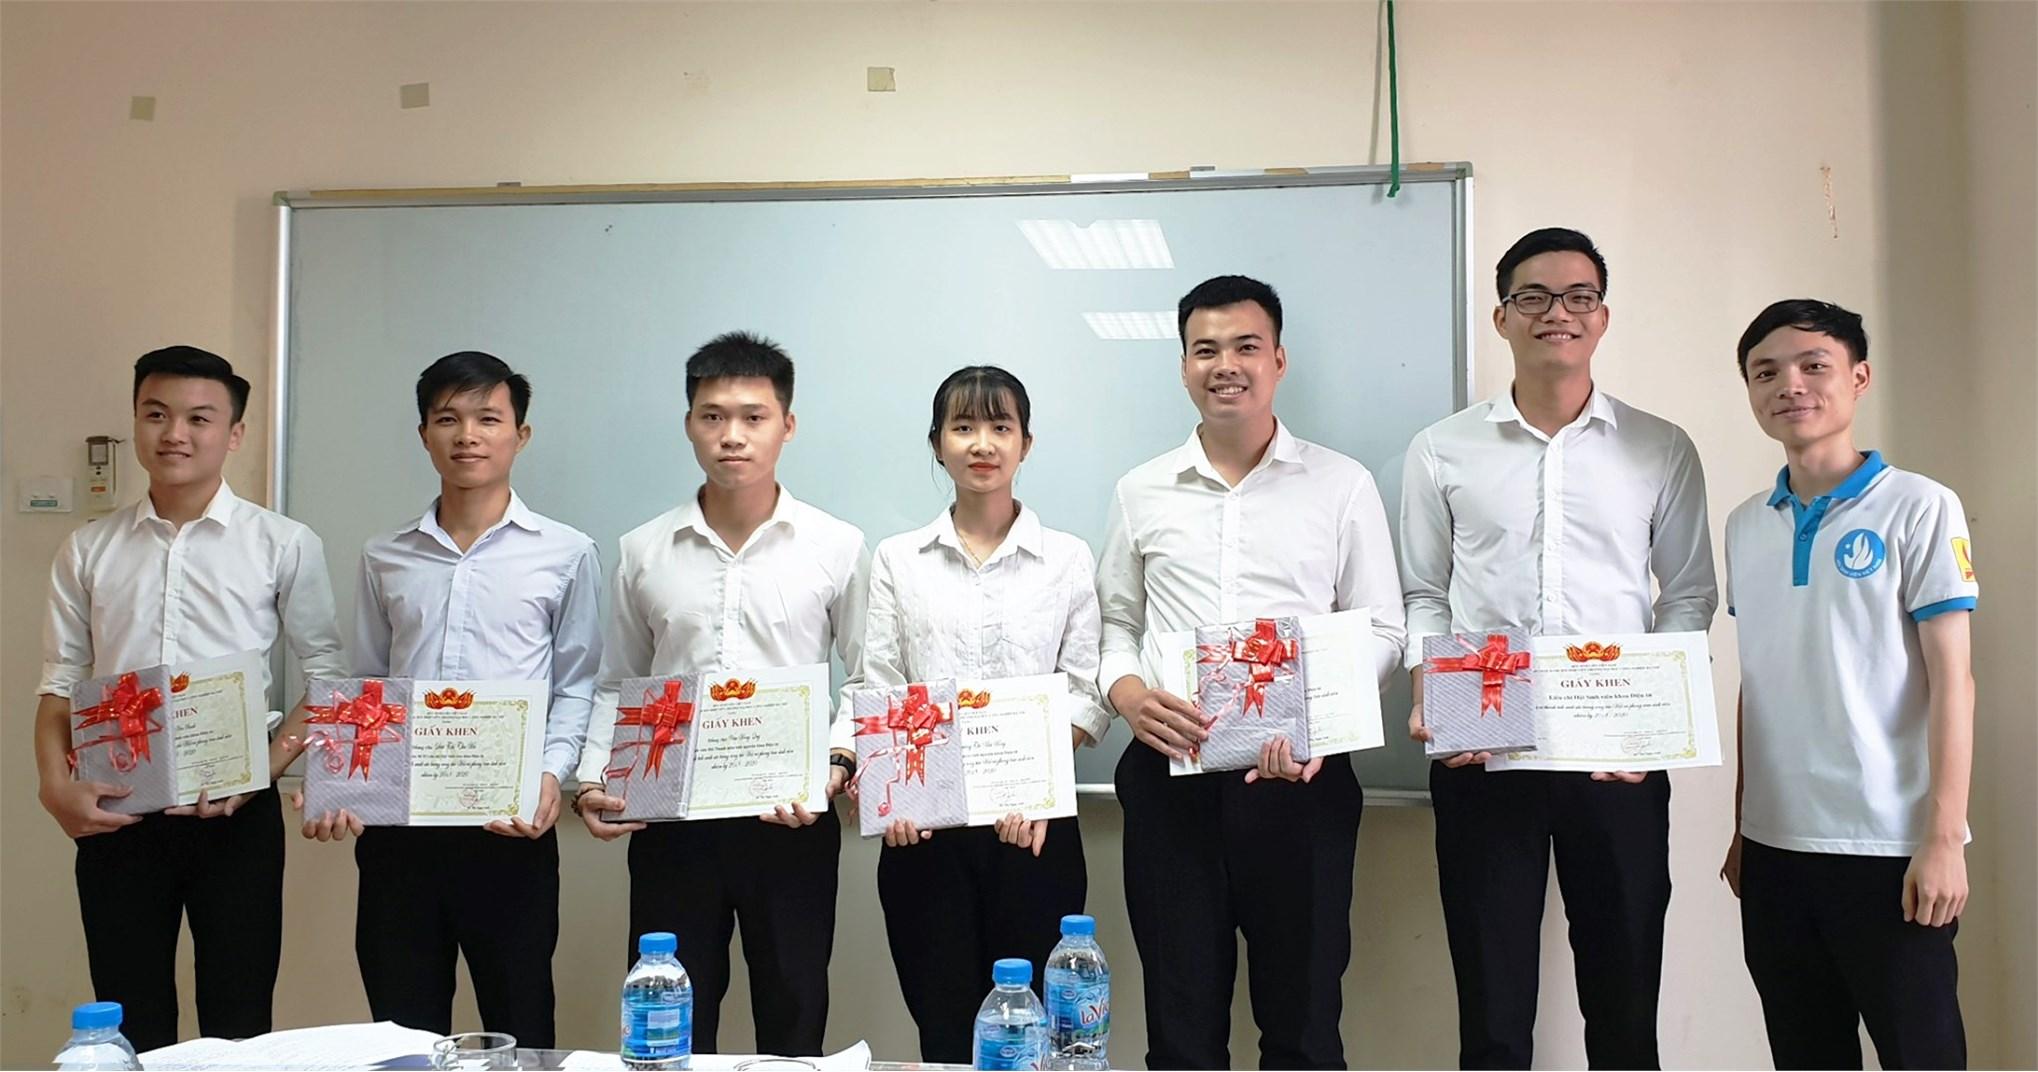 Đ/c Ngô Tiến Lâm - Phó Chủ tịch Hội Sinh viên trường tặng giấy khen và quà cho các cá nhân rút khỏi BCH và đã có thành tích xuất sắc trong công tác Hội và phong trào sinh viên nhiệm kỳ 2018-2020